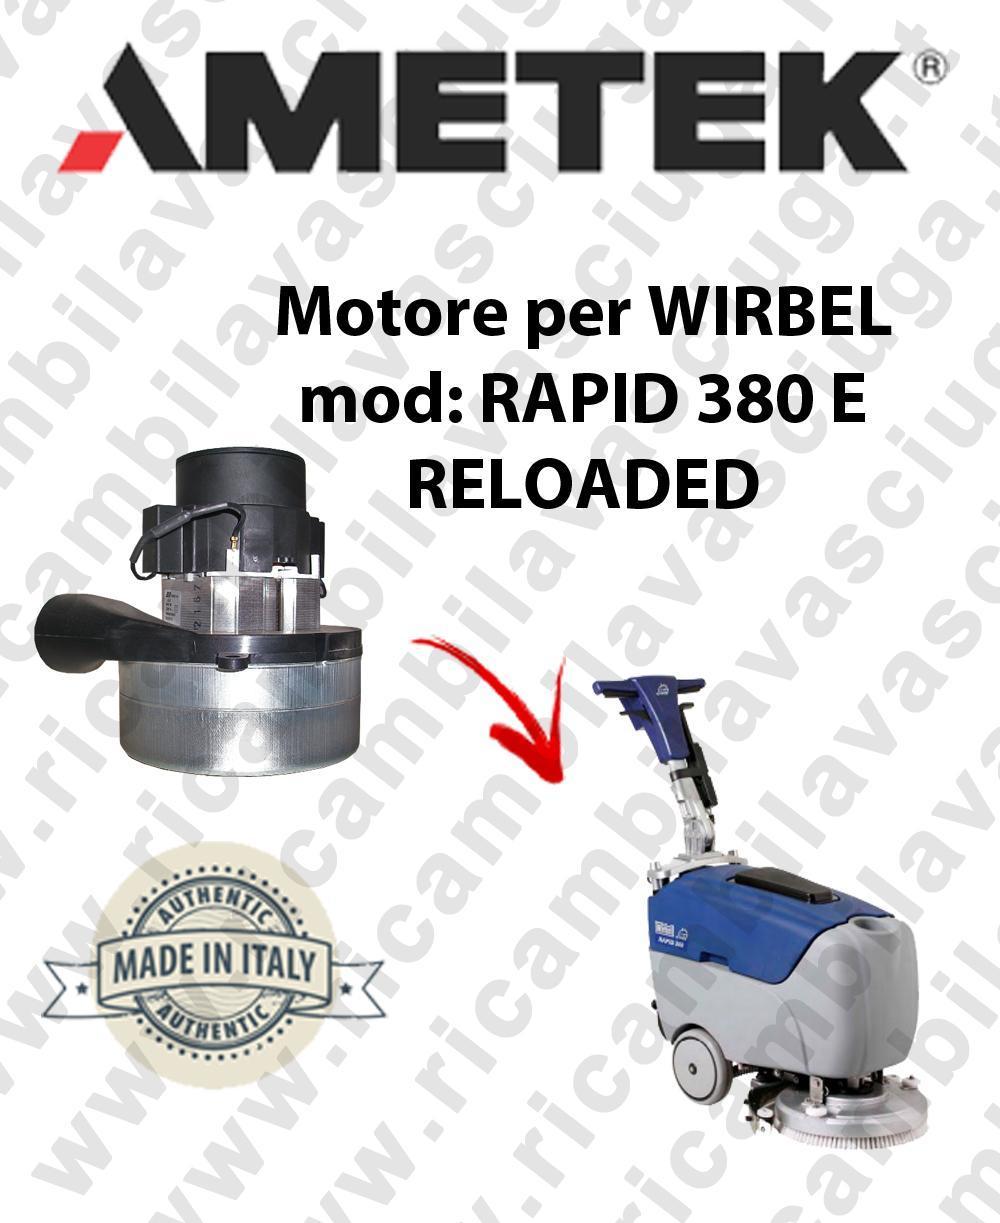 RAPID 380 ünd RELOADED Saugmotor AMETEK für scheuersaugmaschinen WIRBEL